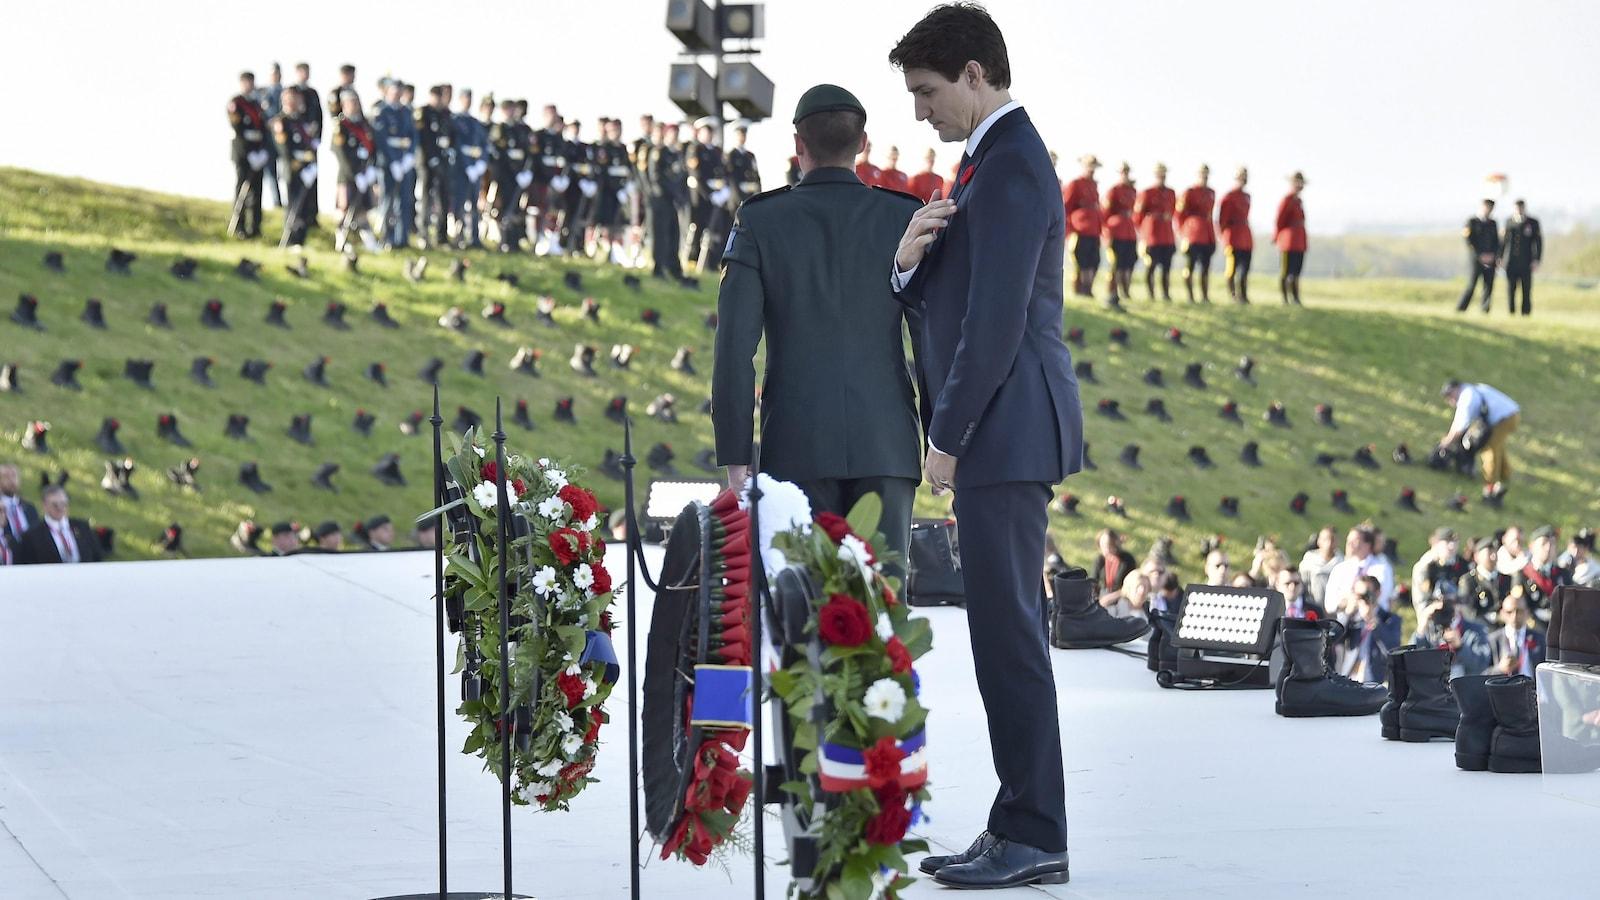 Le premier ministre Trudeau entreprend un long voyage qu'il débutera en France pour souligner la Bataille de Vimy et le 100e anniversaire de la Première Guerre mondiale.